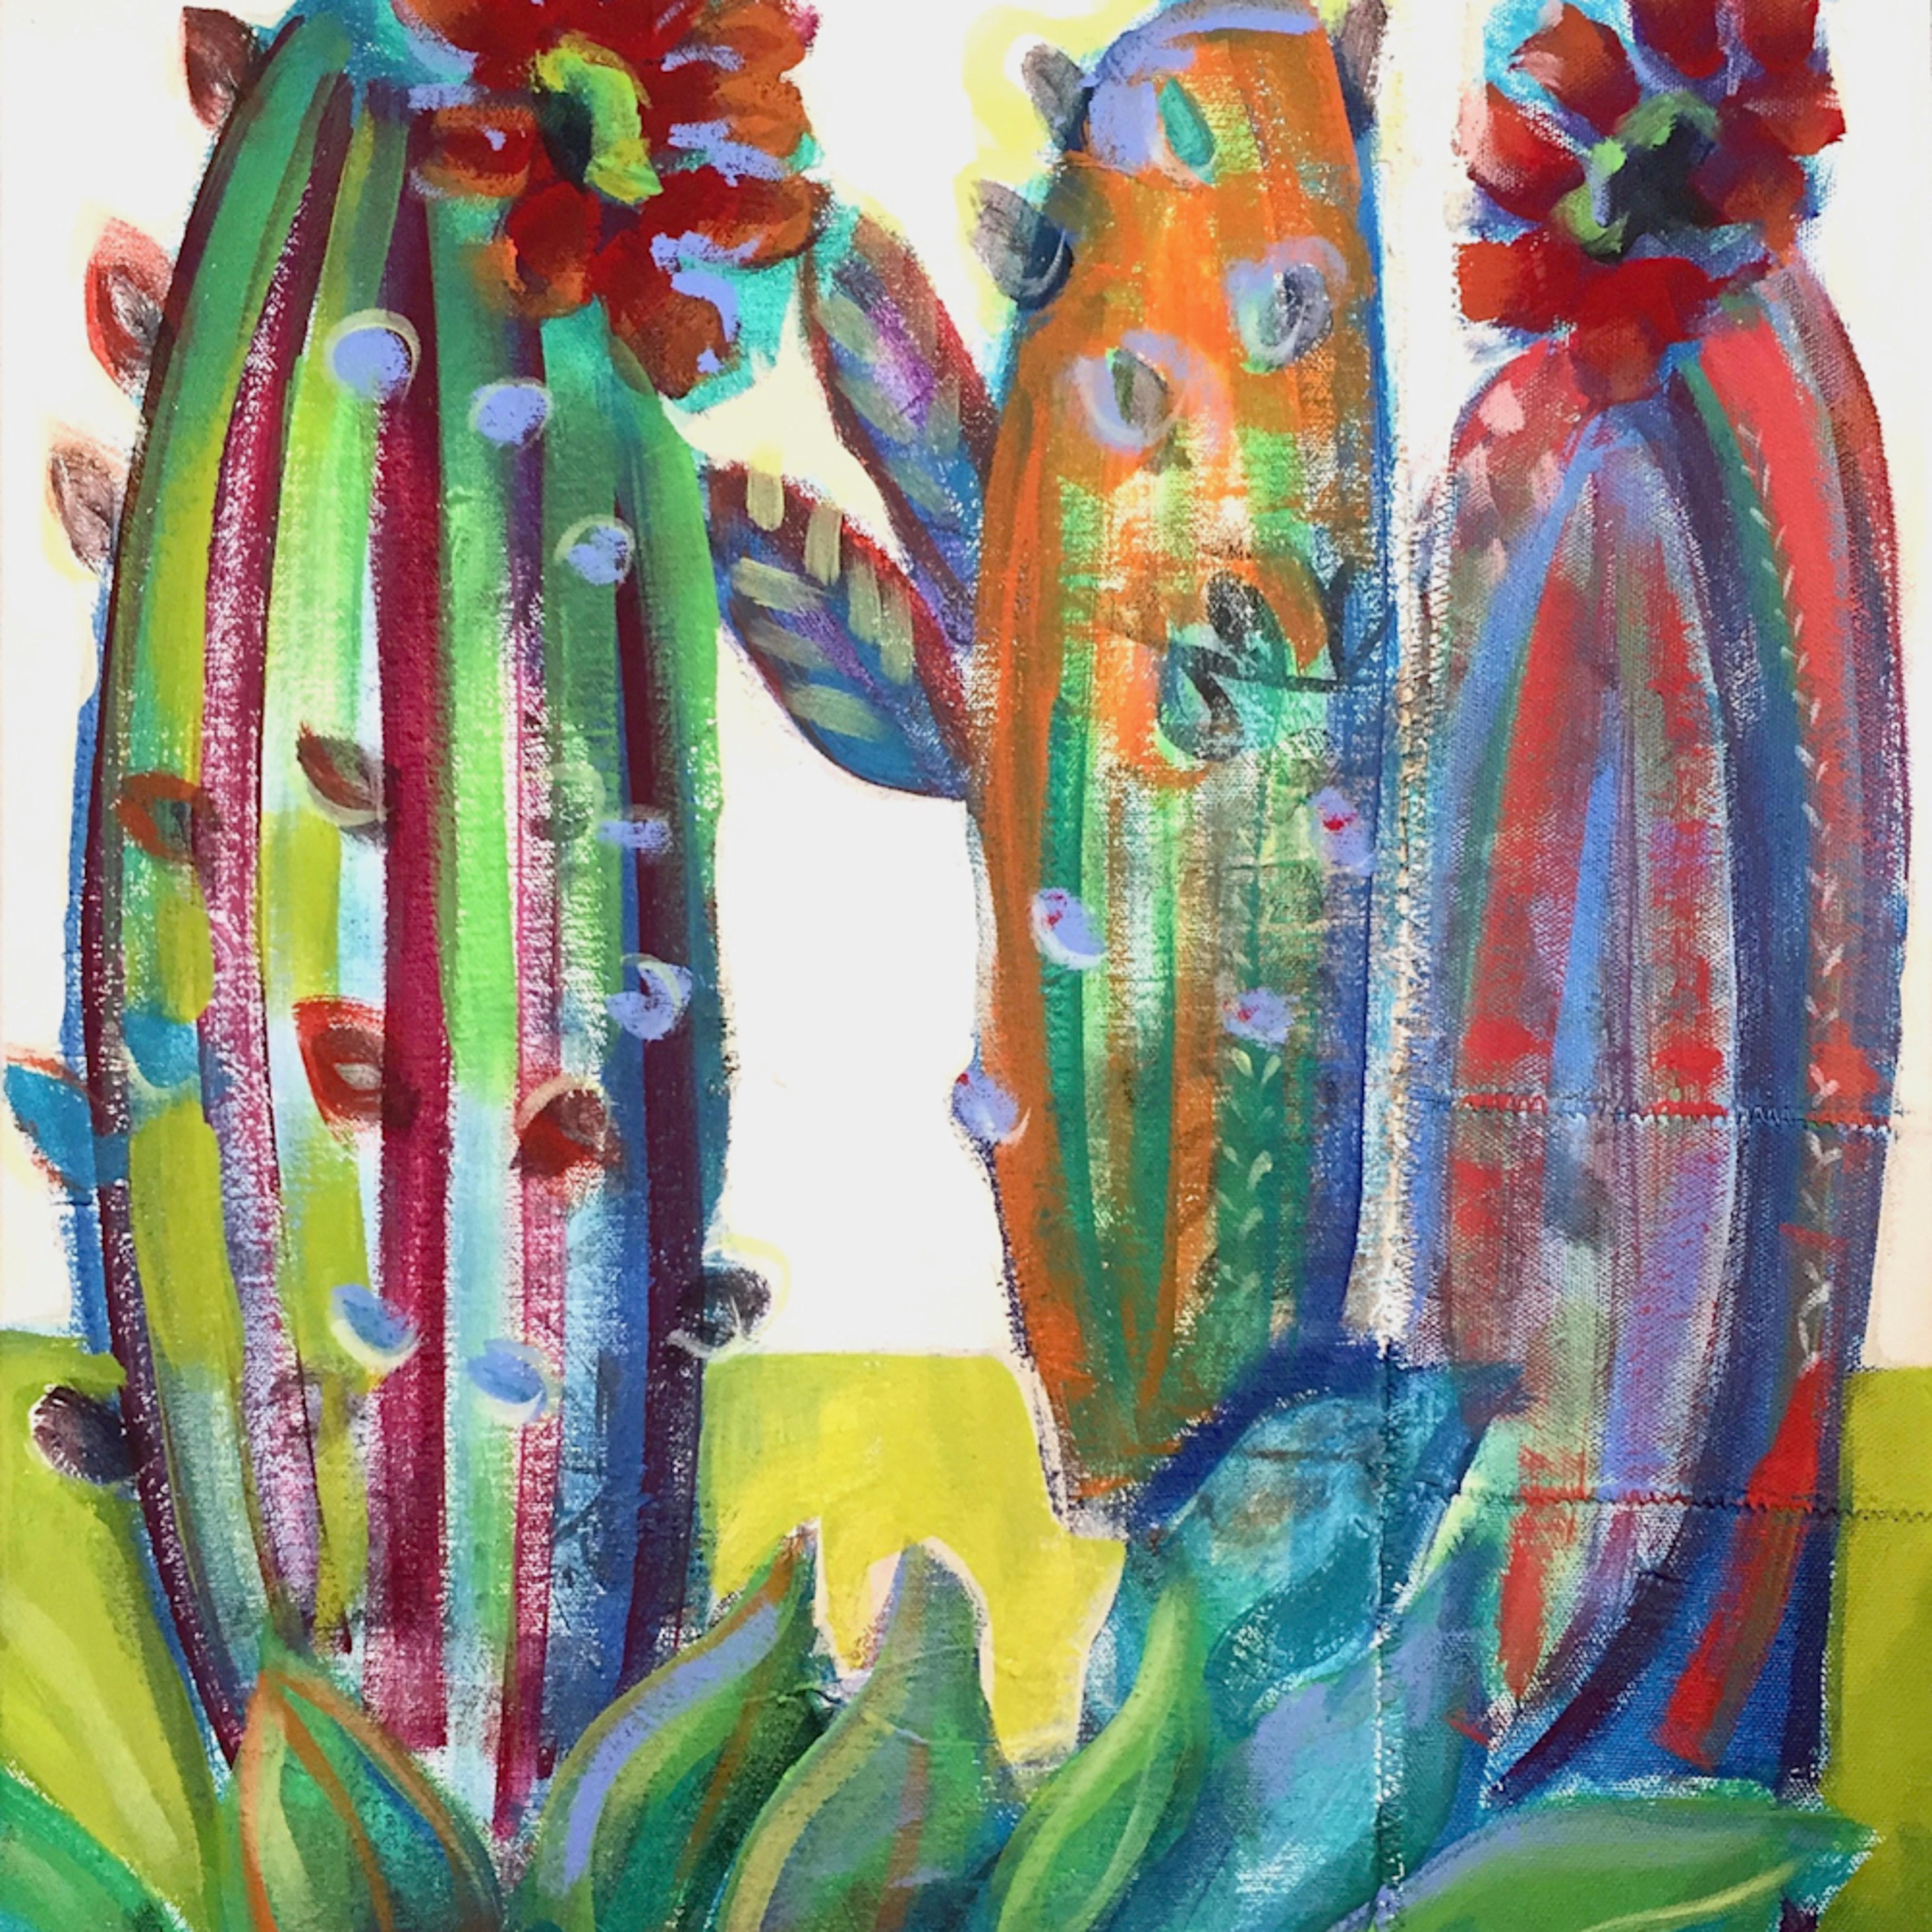 Desert cactus j03zuu